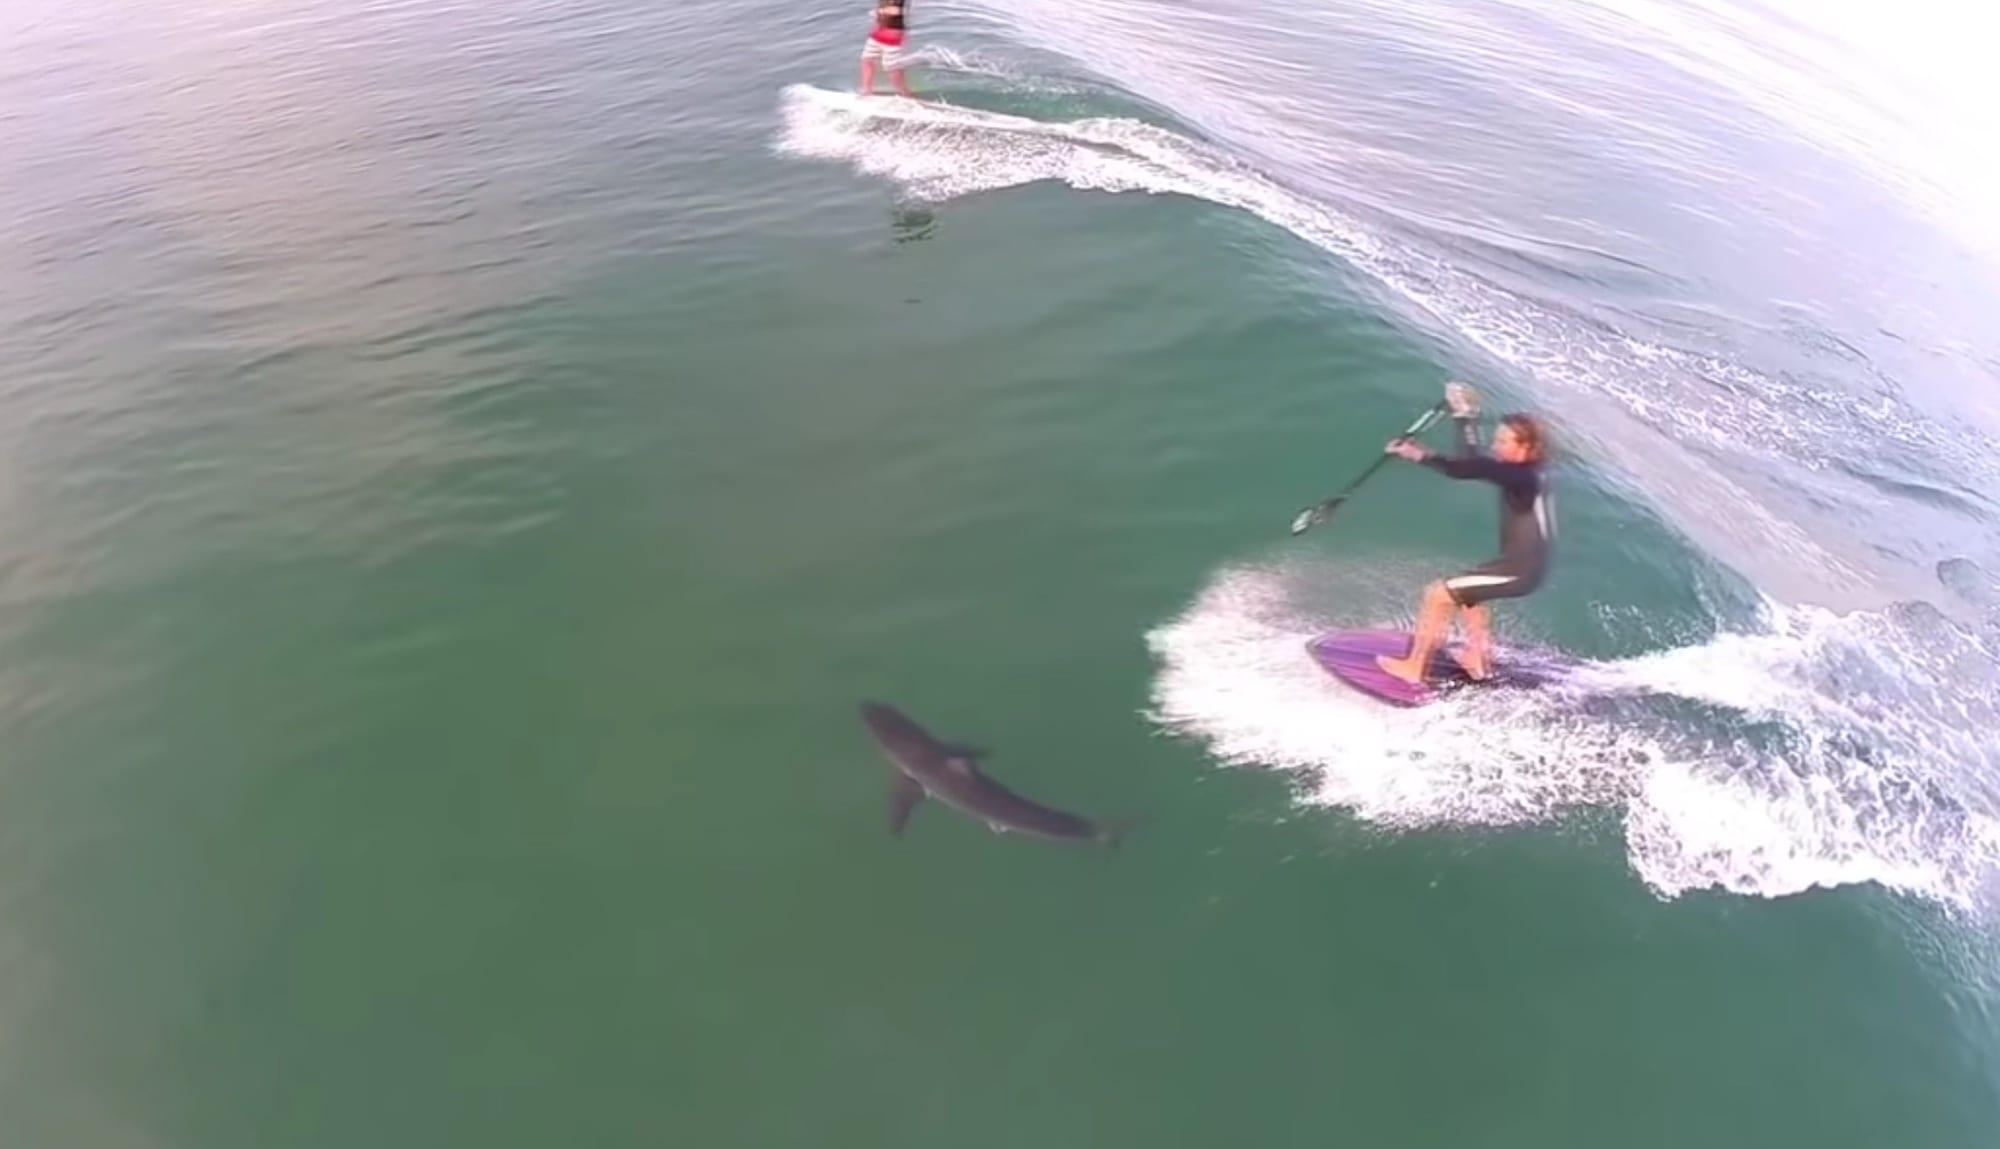 DOI drone order creates confusion for Cape Cod shark researchers